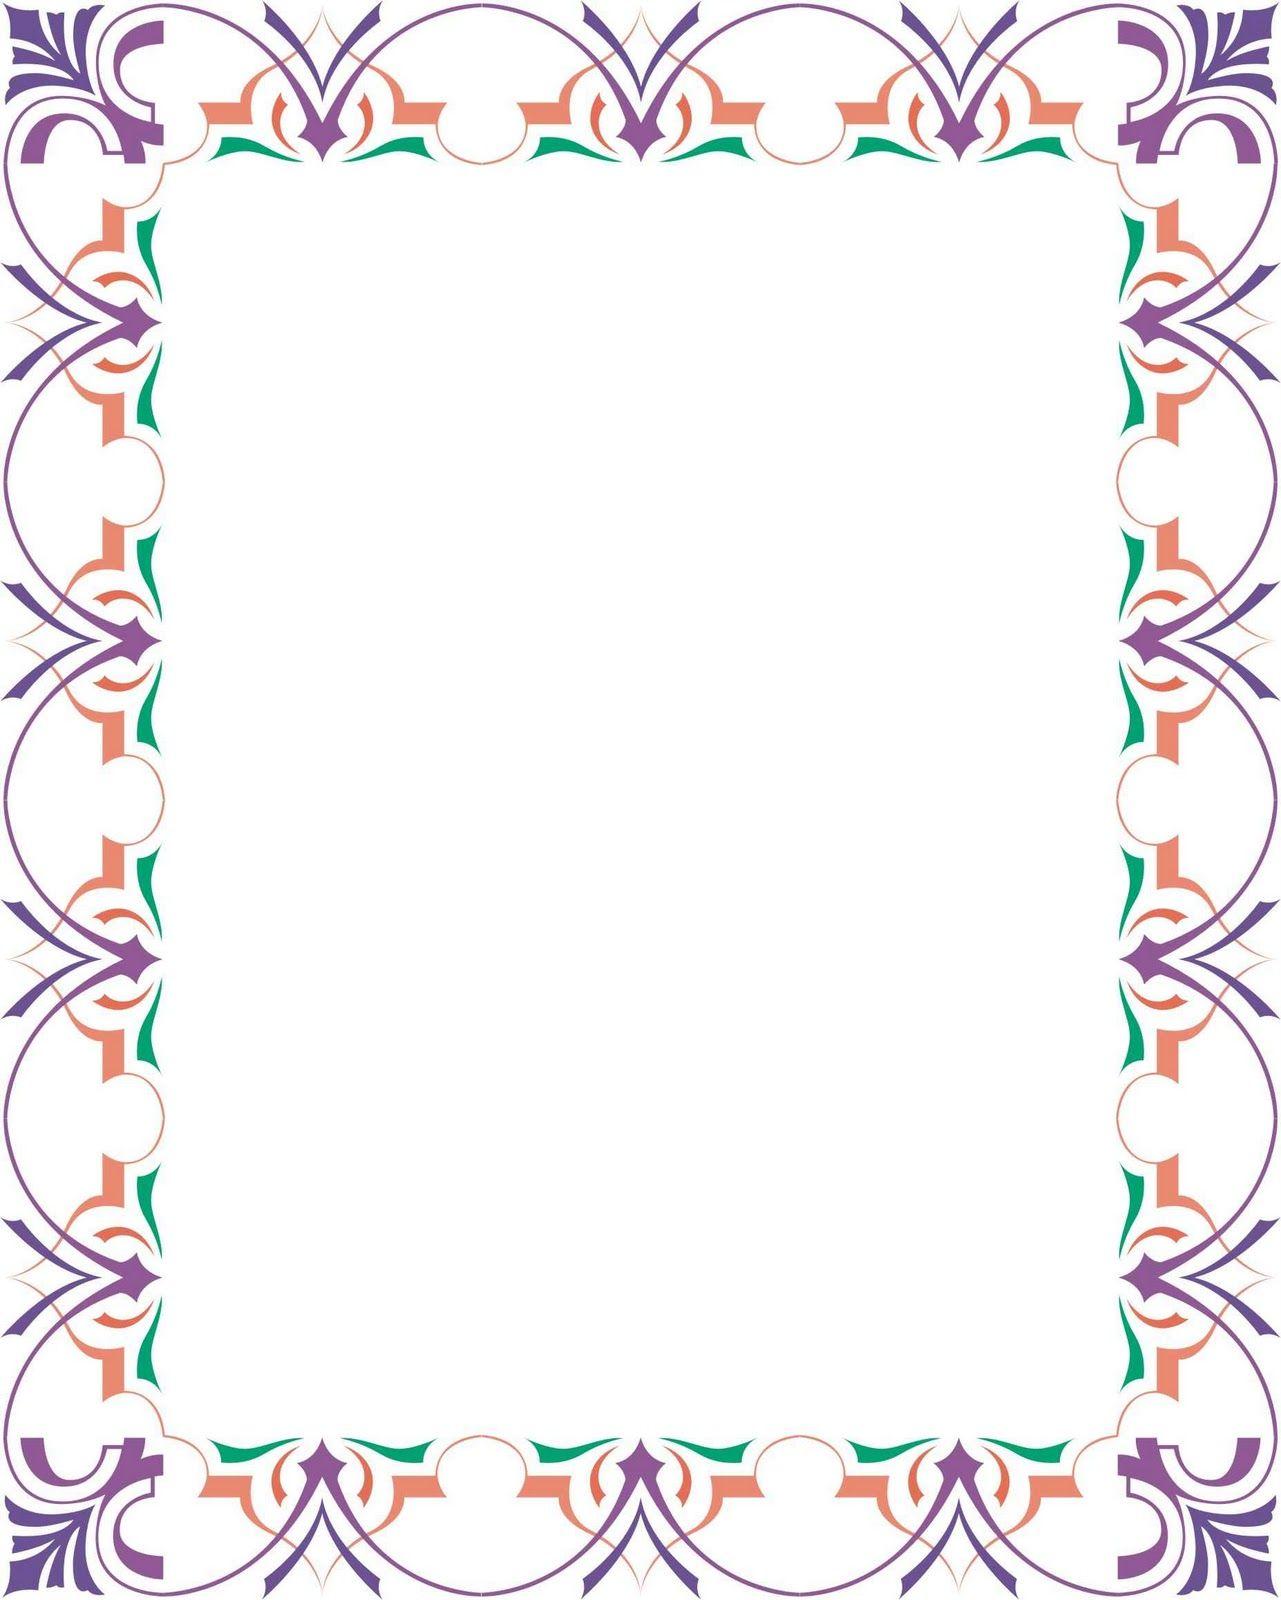 bingkai border piagam vector 2 bingkai hiasan desain bingkai border piagam vector 2